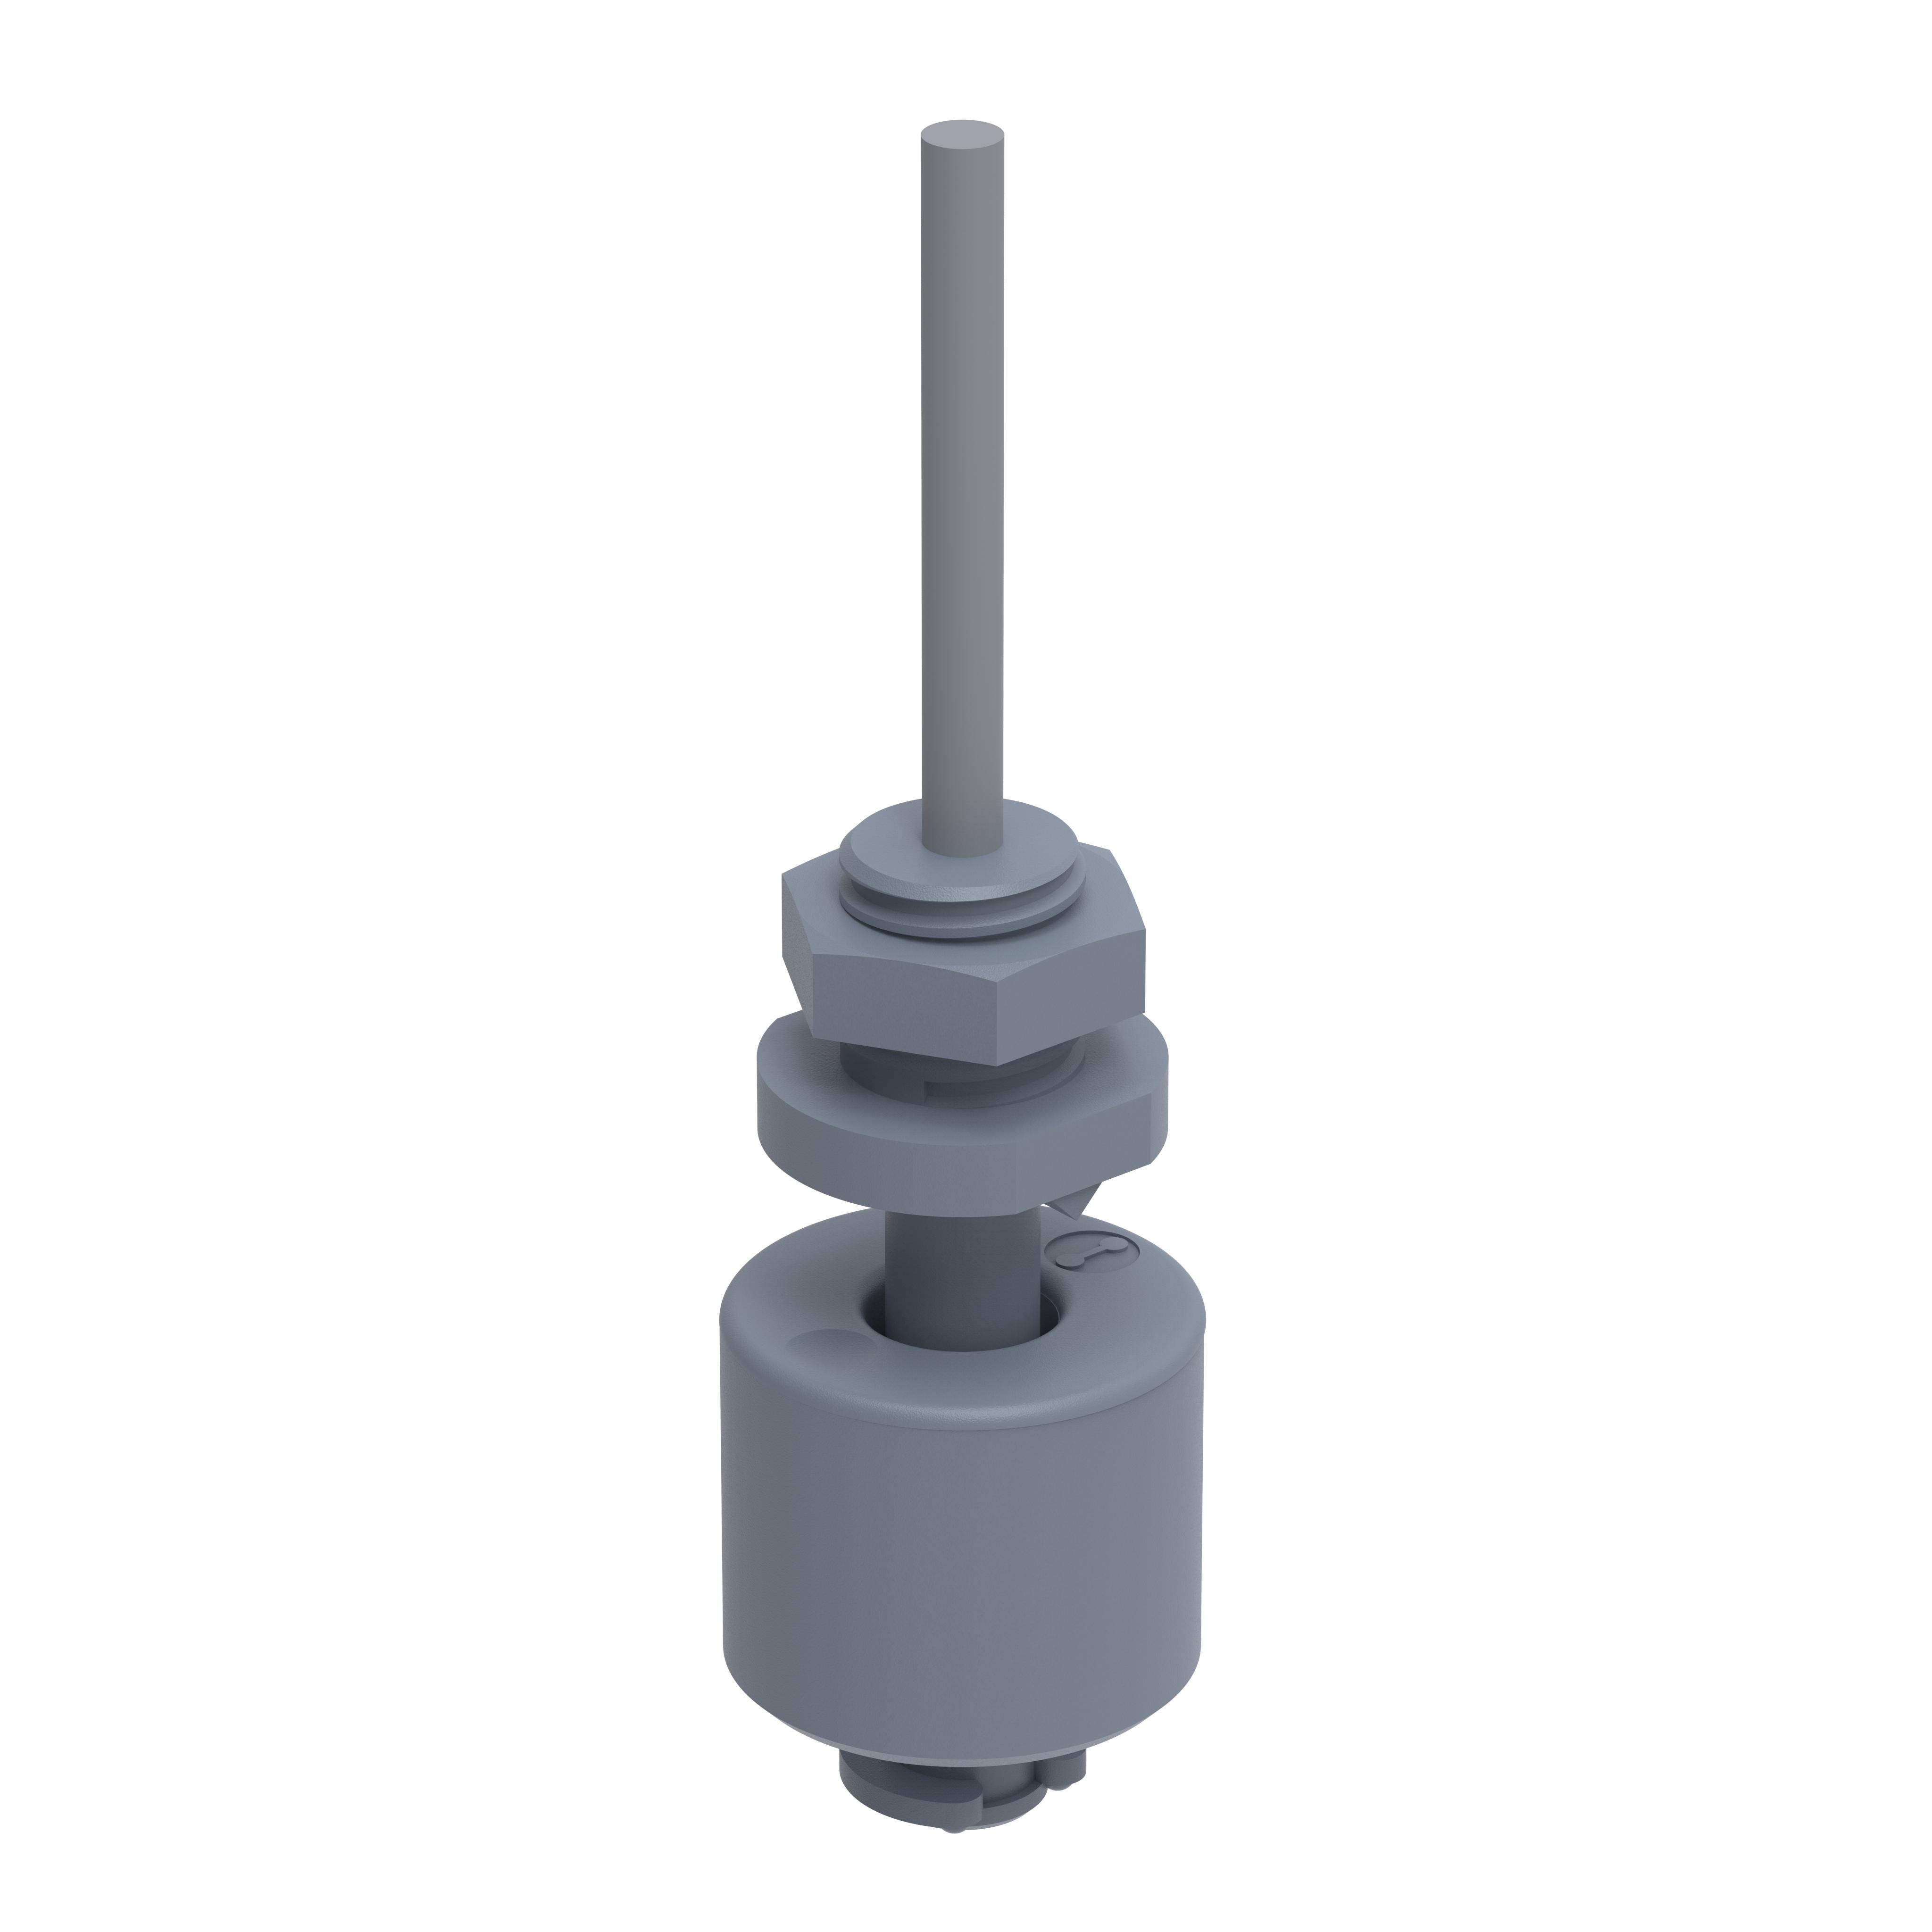 Miniatur Schwimmerschalter - 200010-5 - Schließer, 48V, PVC, Gewinde PG7, 5m Kabel